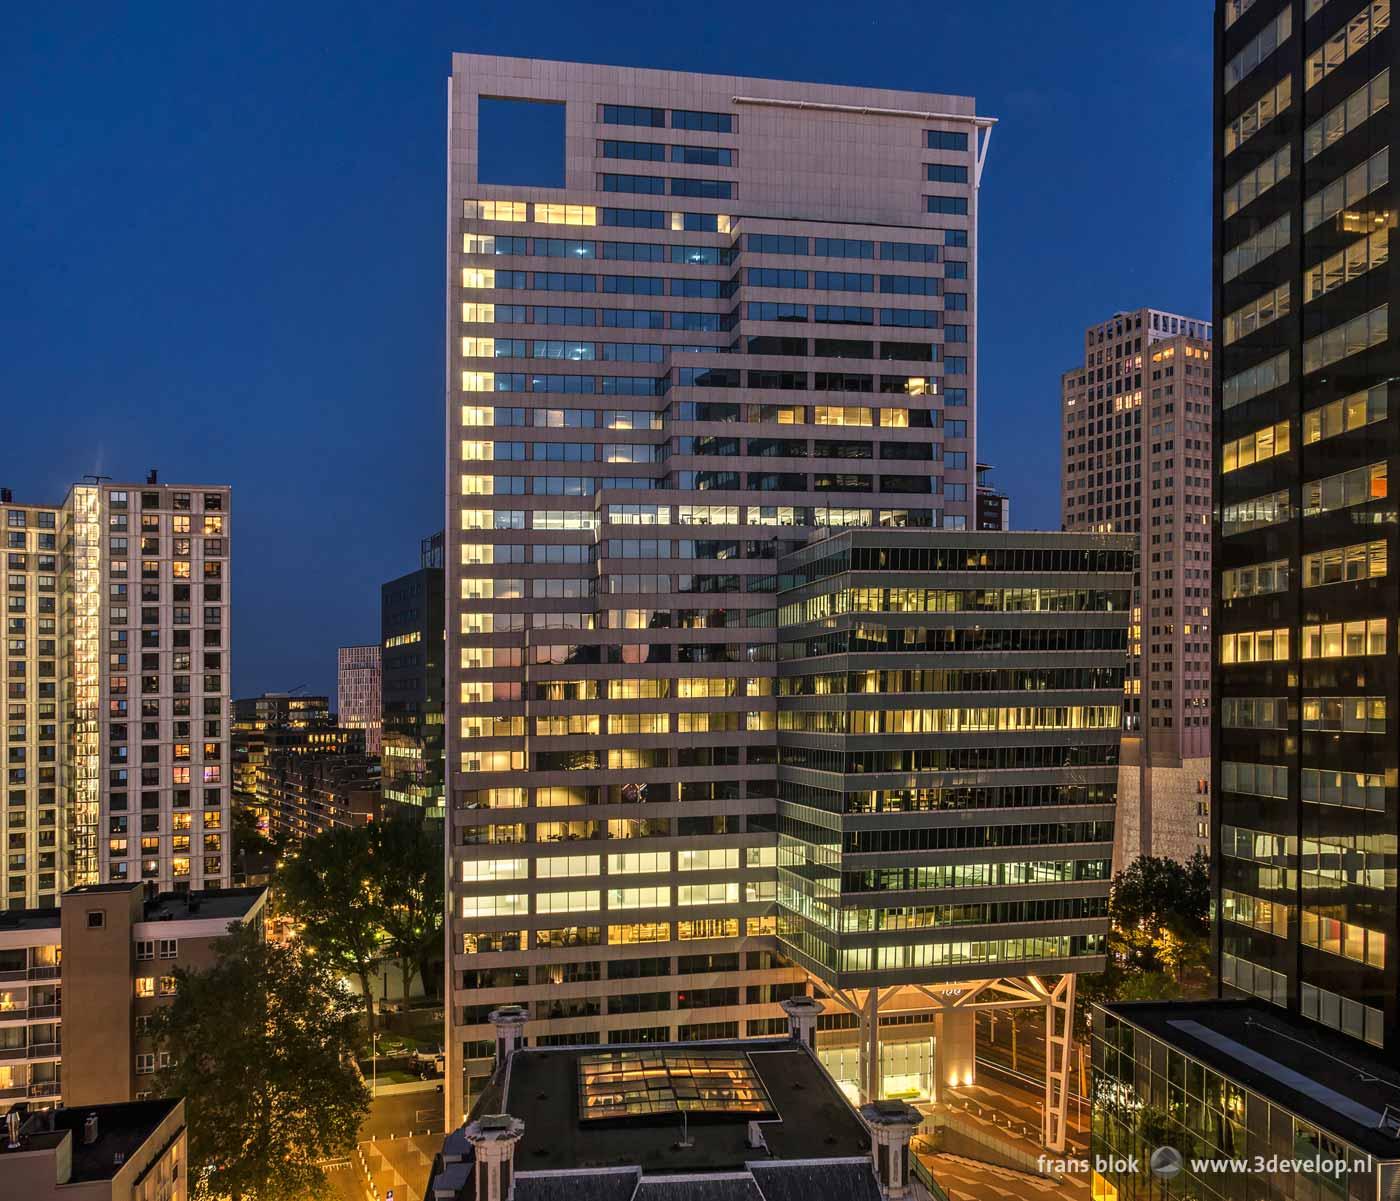 Foto van de Blaak Office Tower, voorheen Fortis, met ernaast ve voormalige Robeco-toren, bij avond, gezien vanaf het Erasmushuis